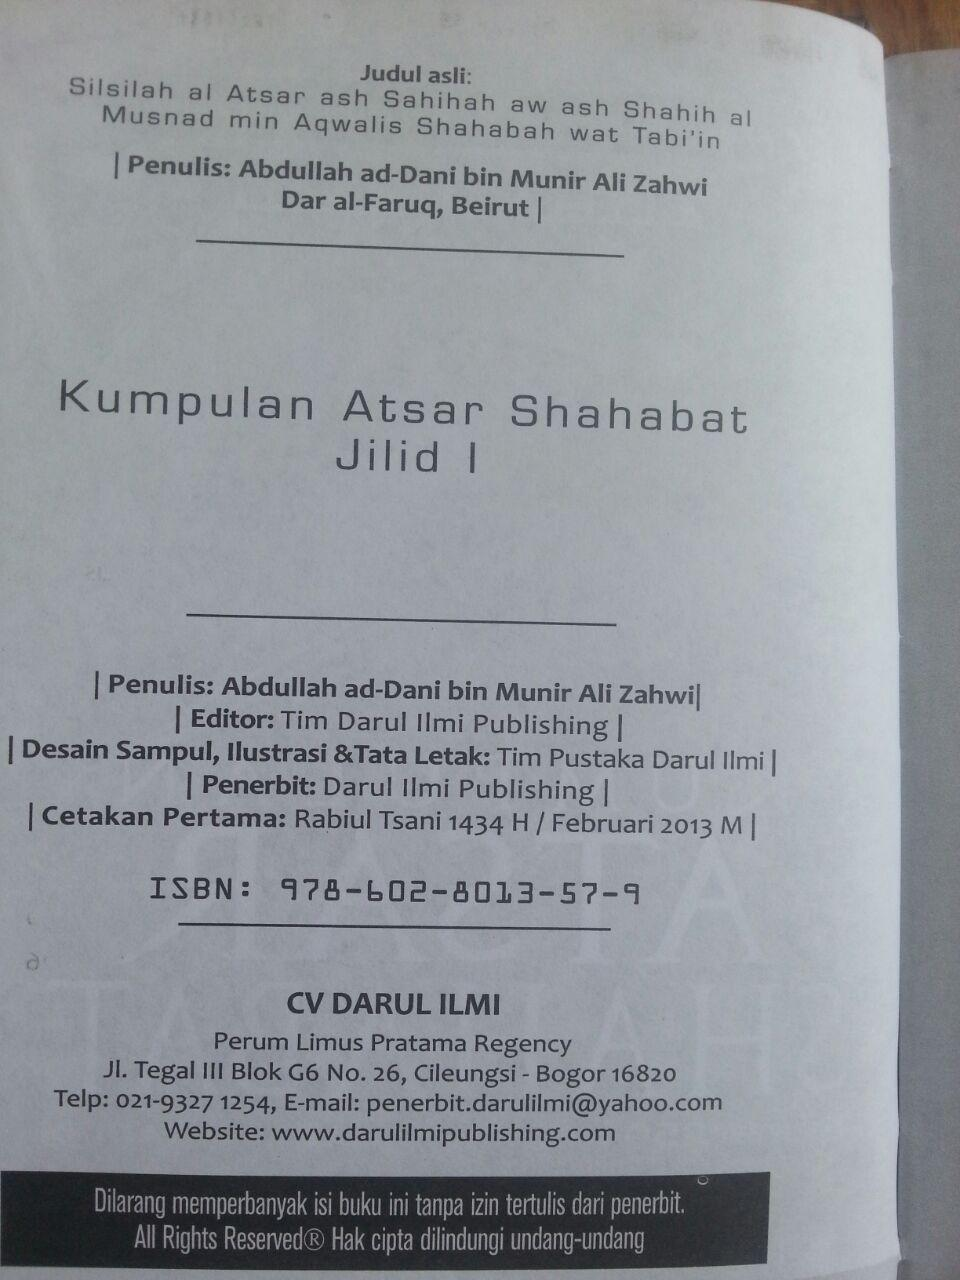 Buku Kumpulan Atsar Shahabat 1 Set 2 Jilid isi